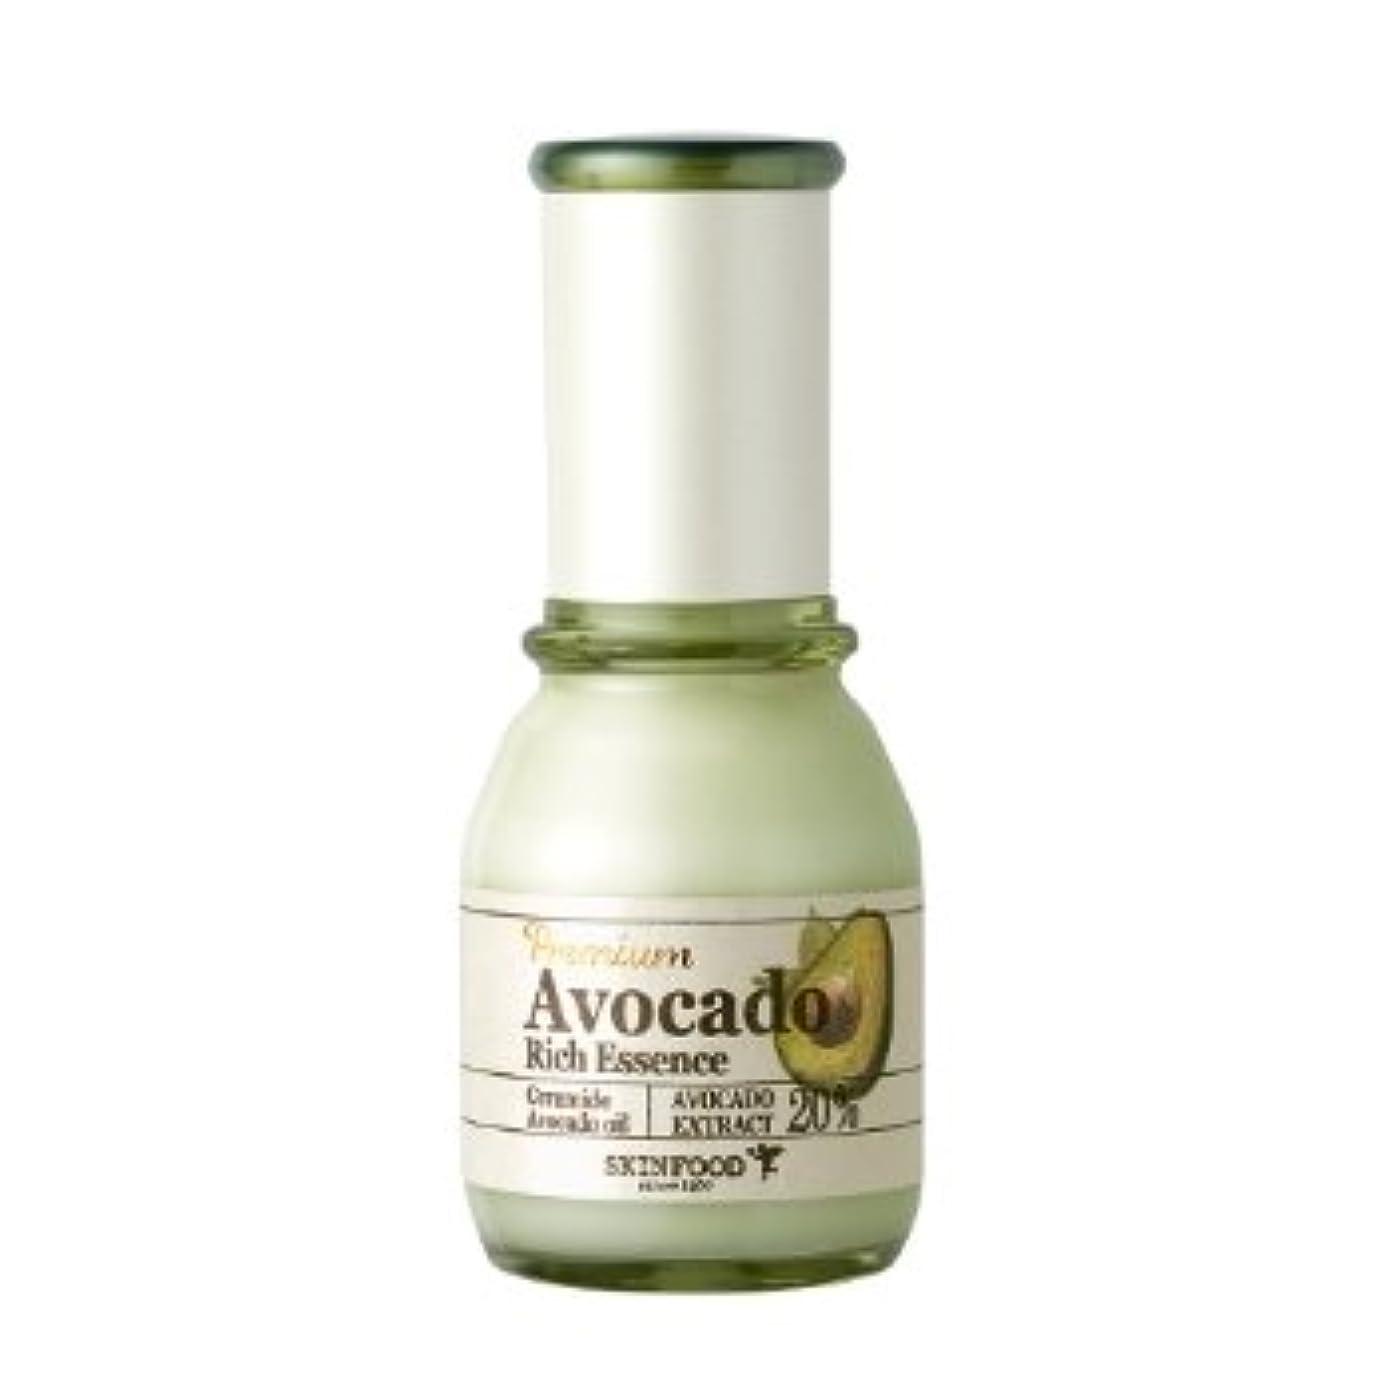 私たちダーツ永遠にスキンフード [Skin Food] プレミアム アボカド リーチ エッセンス 50ml / Premium Avocado Rich Essence 海外直送品